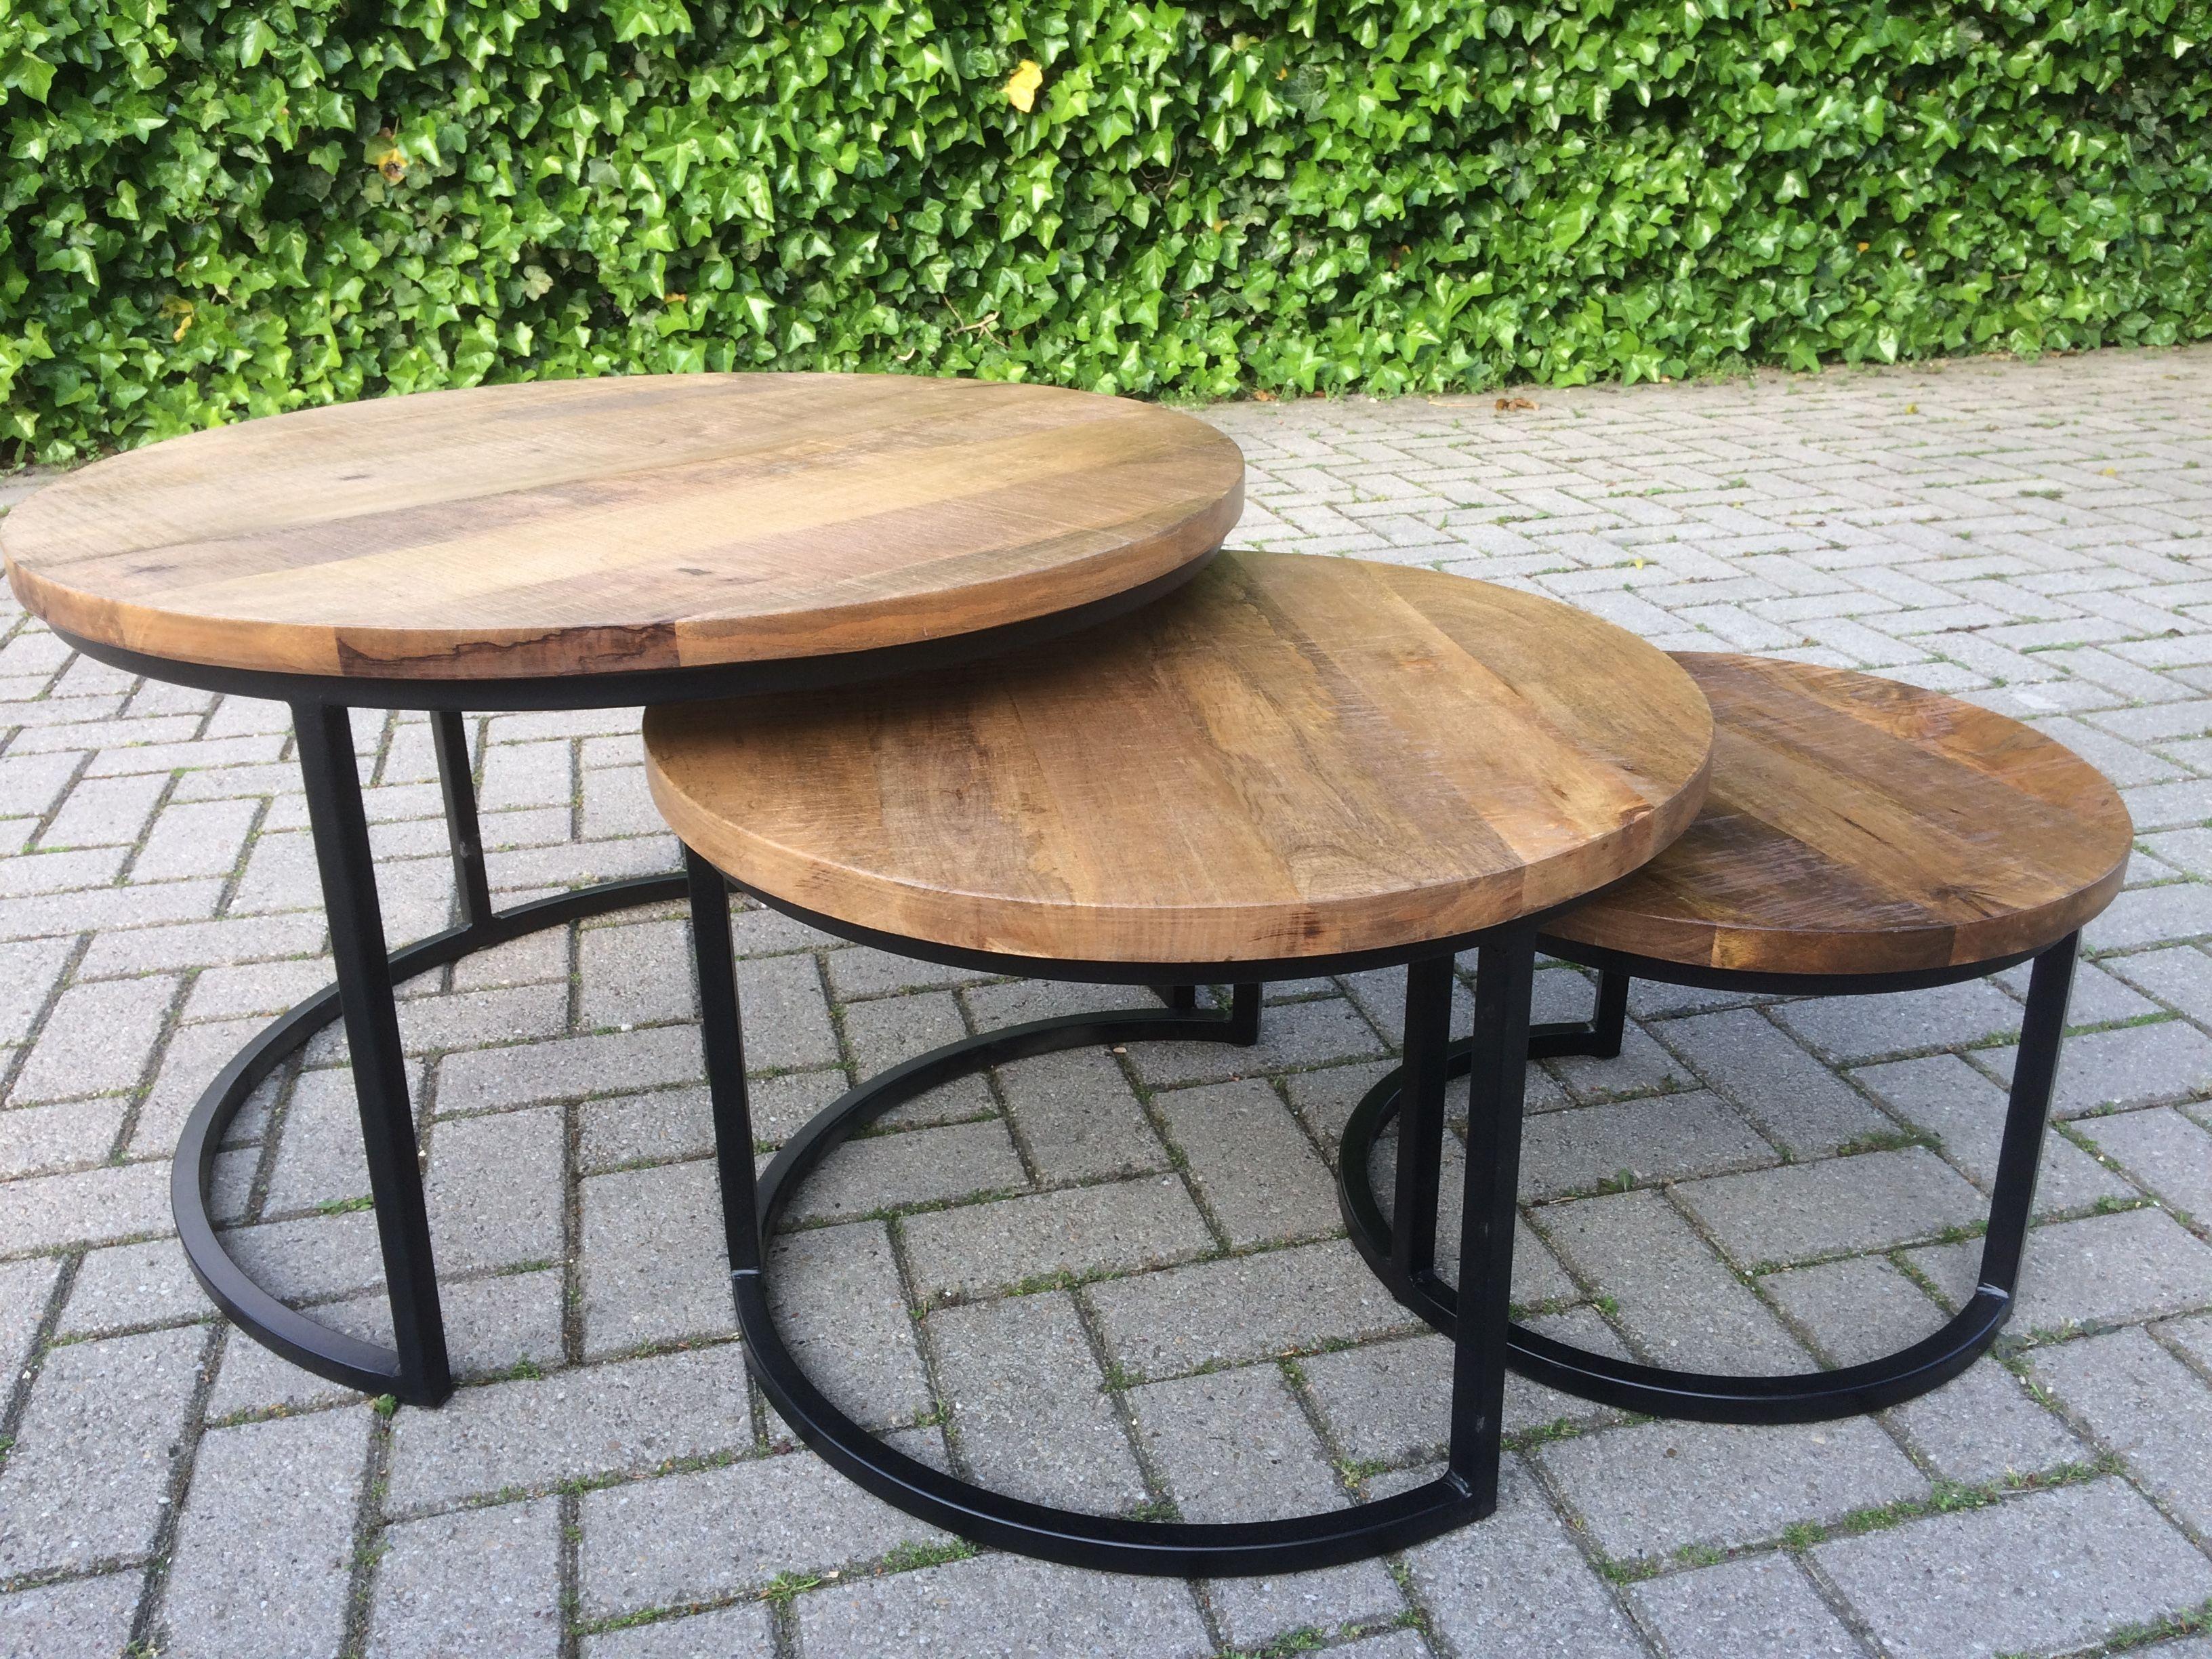 Salontafel Industrieel Rond Set.Set Salontafels Mangohout Furniture Home Living Room Living